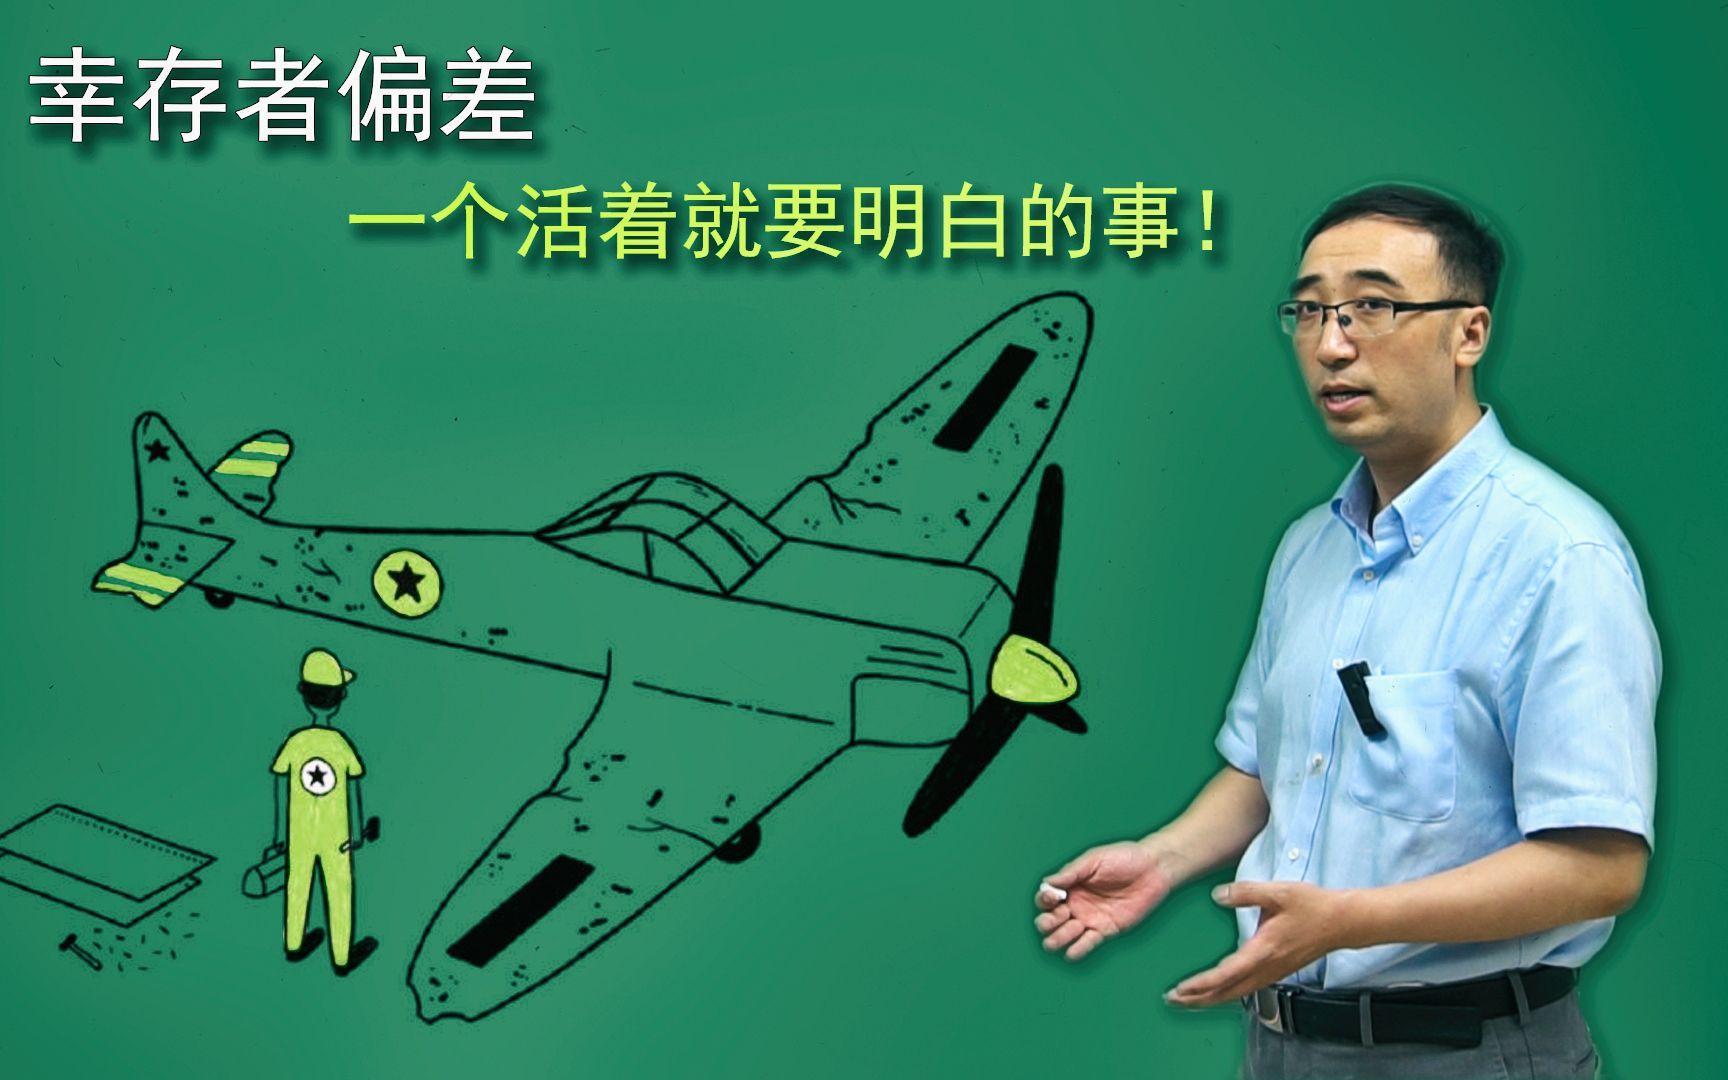 """人大附中的""""网红学霸老师""""李永乐"""